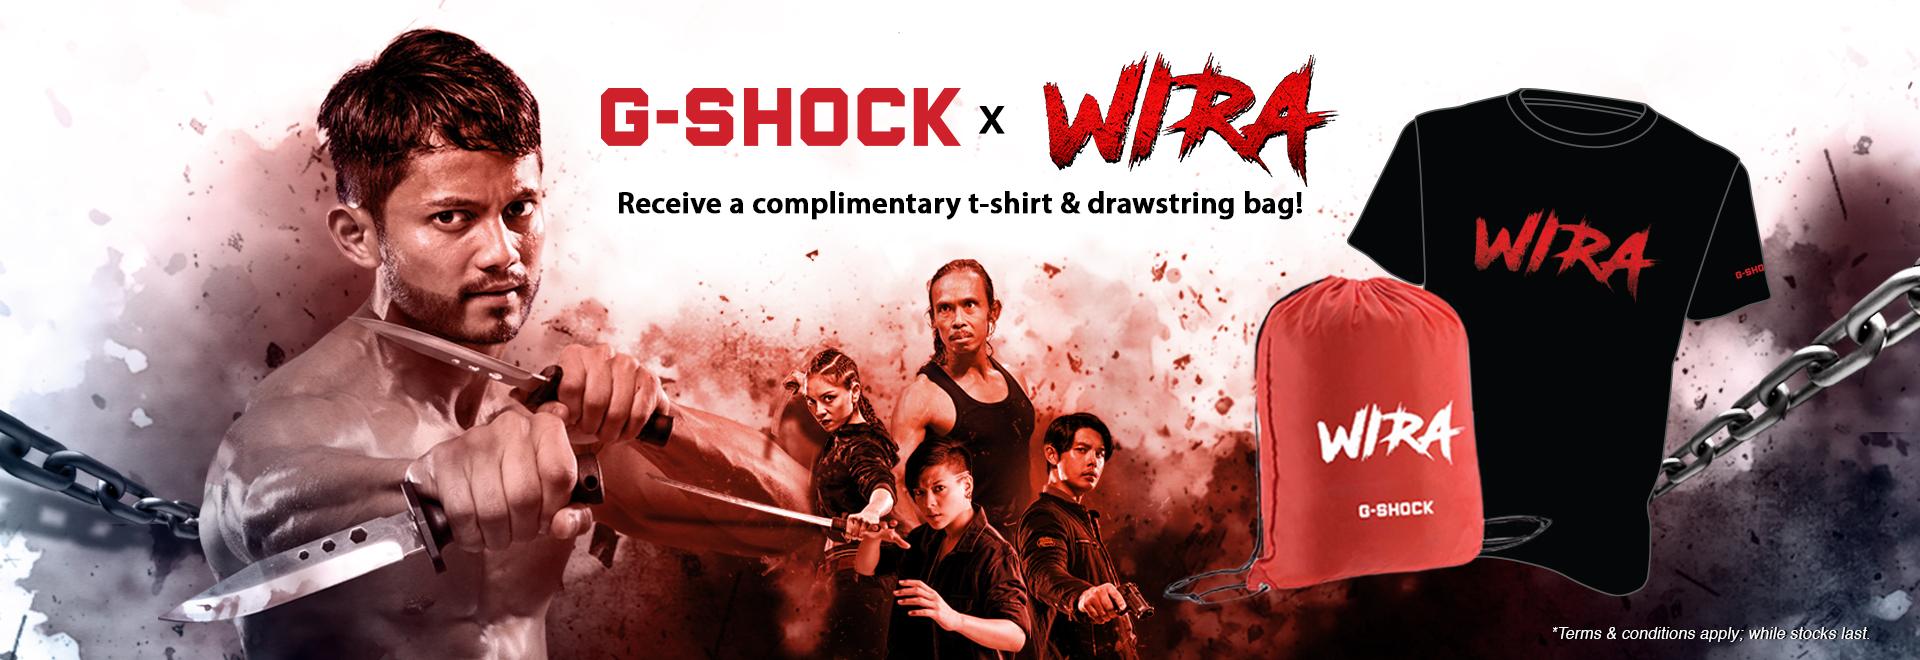 G-SHOCK x WIRA Banner